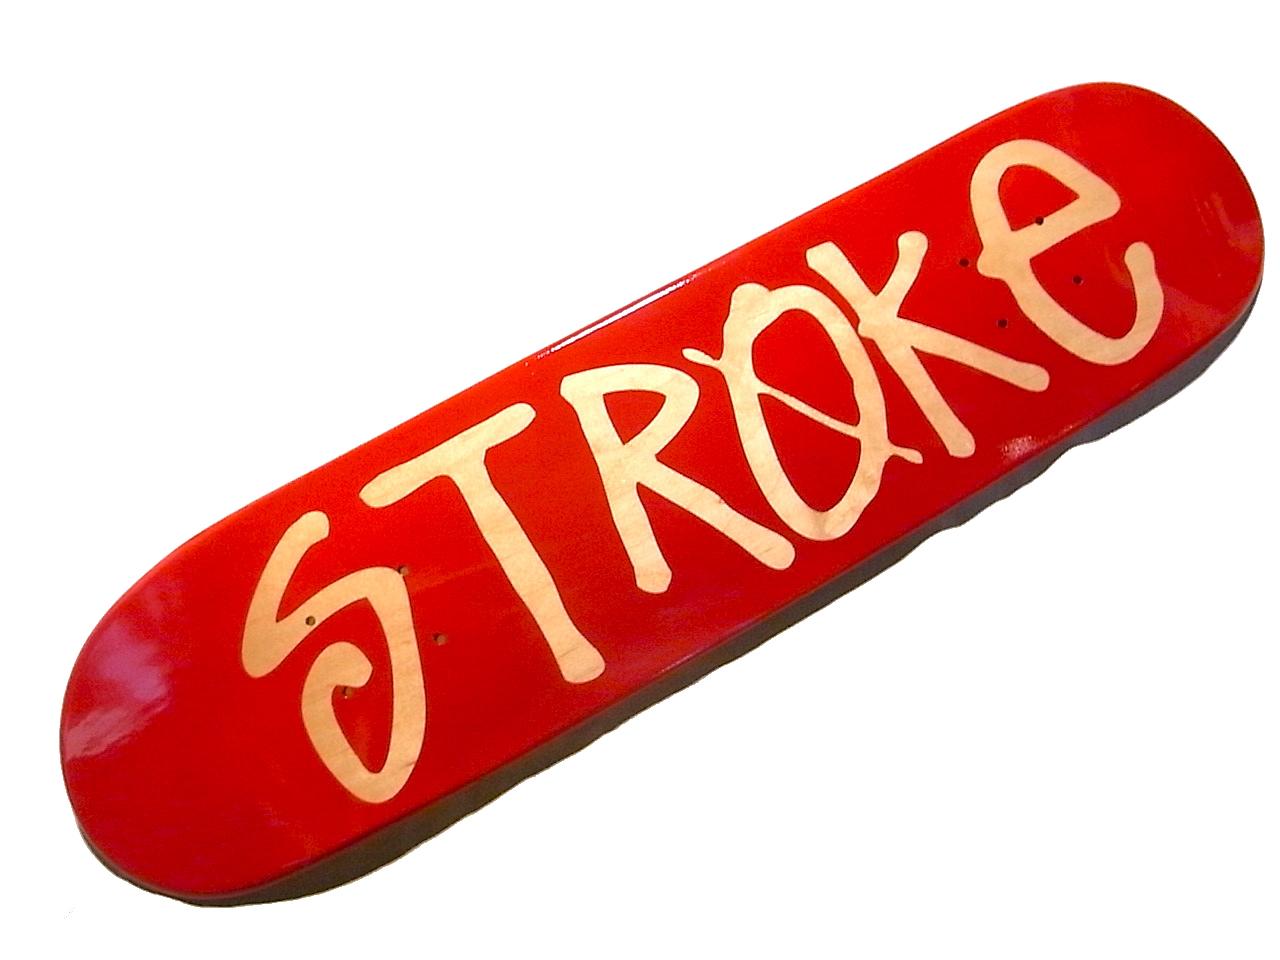 STROKE NEW SKATE DECK!!!!!!_d0101000_17453064.jpg